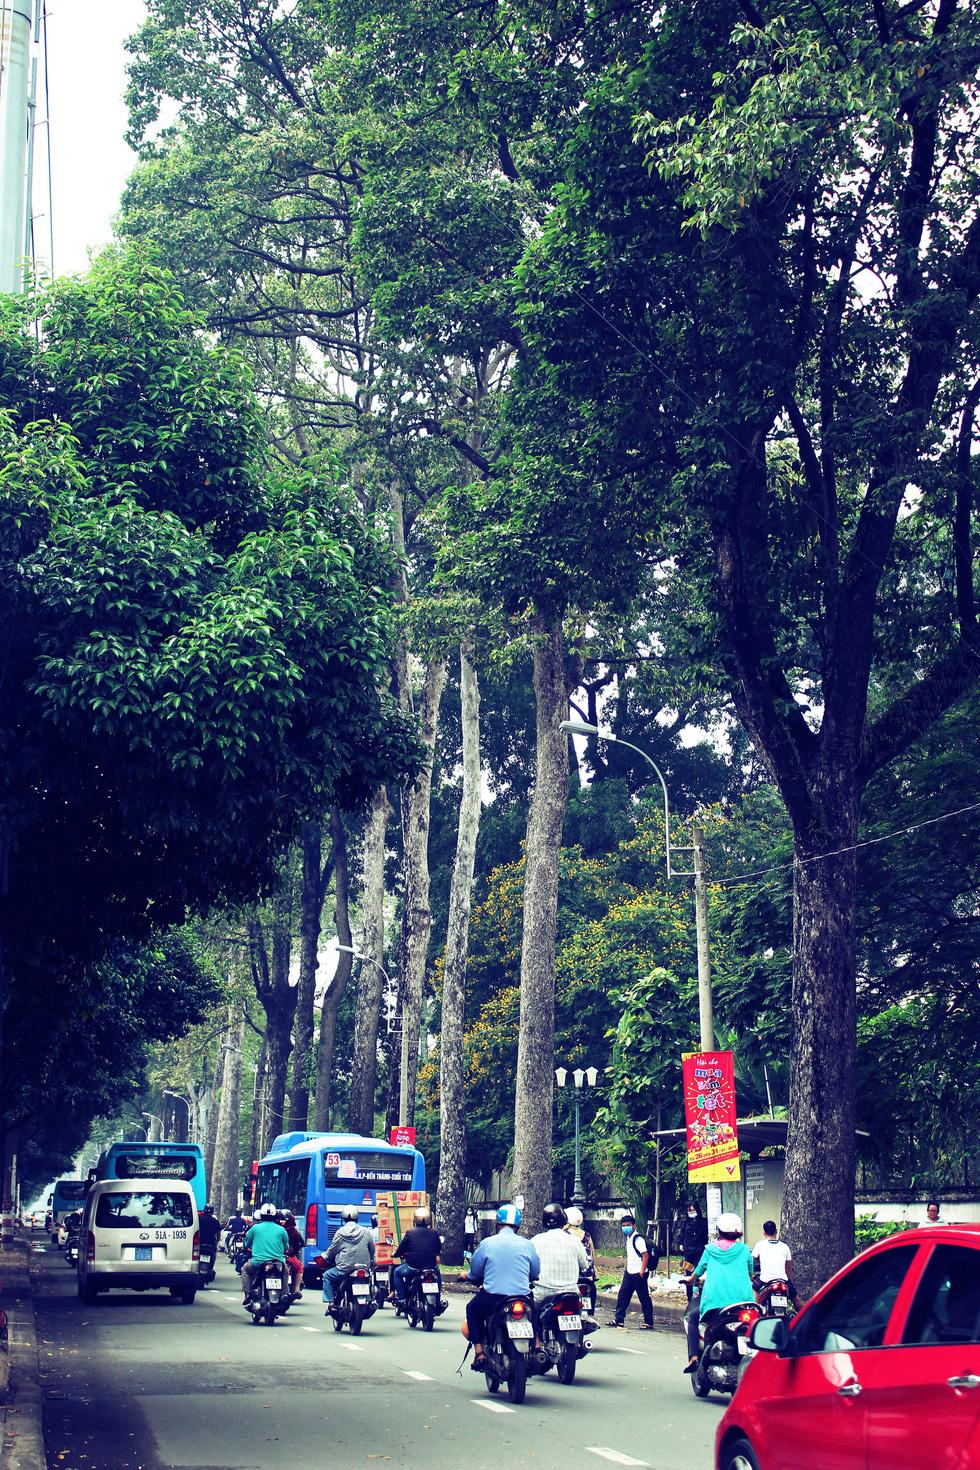 Song song với đường Hùng Vương ở quận 5, đường Trần Phú cũng có hàng cây tuyệt đẹp